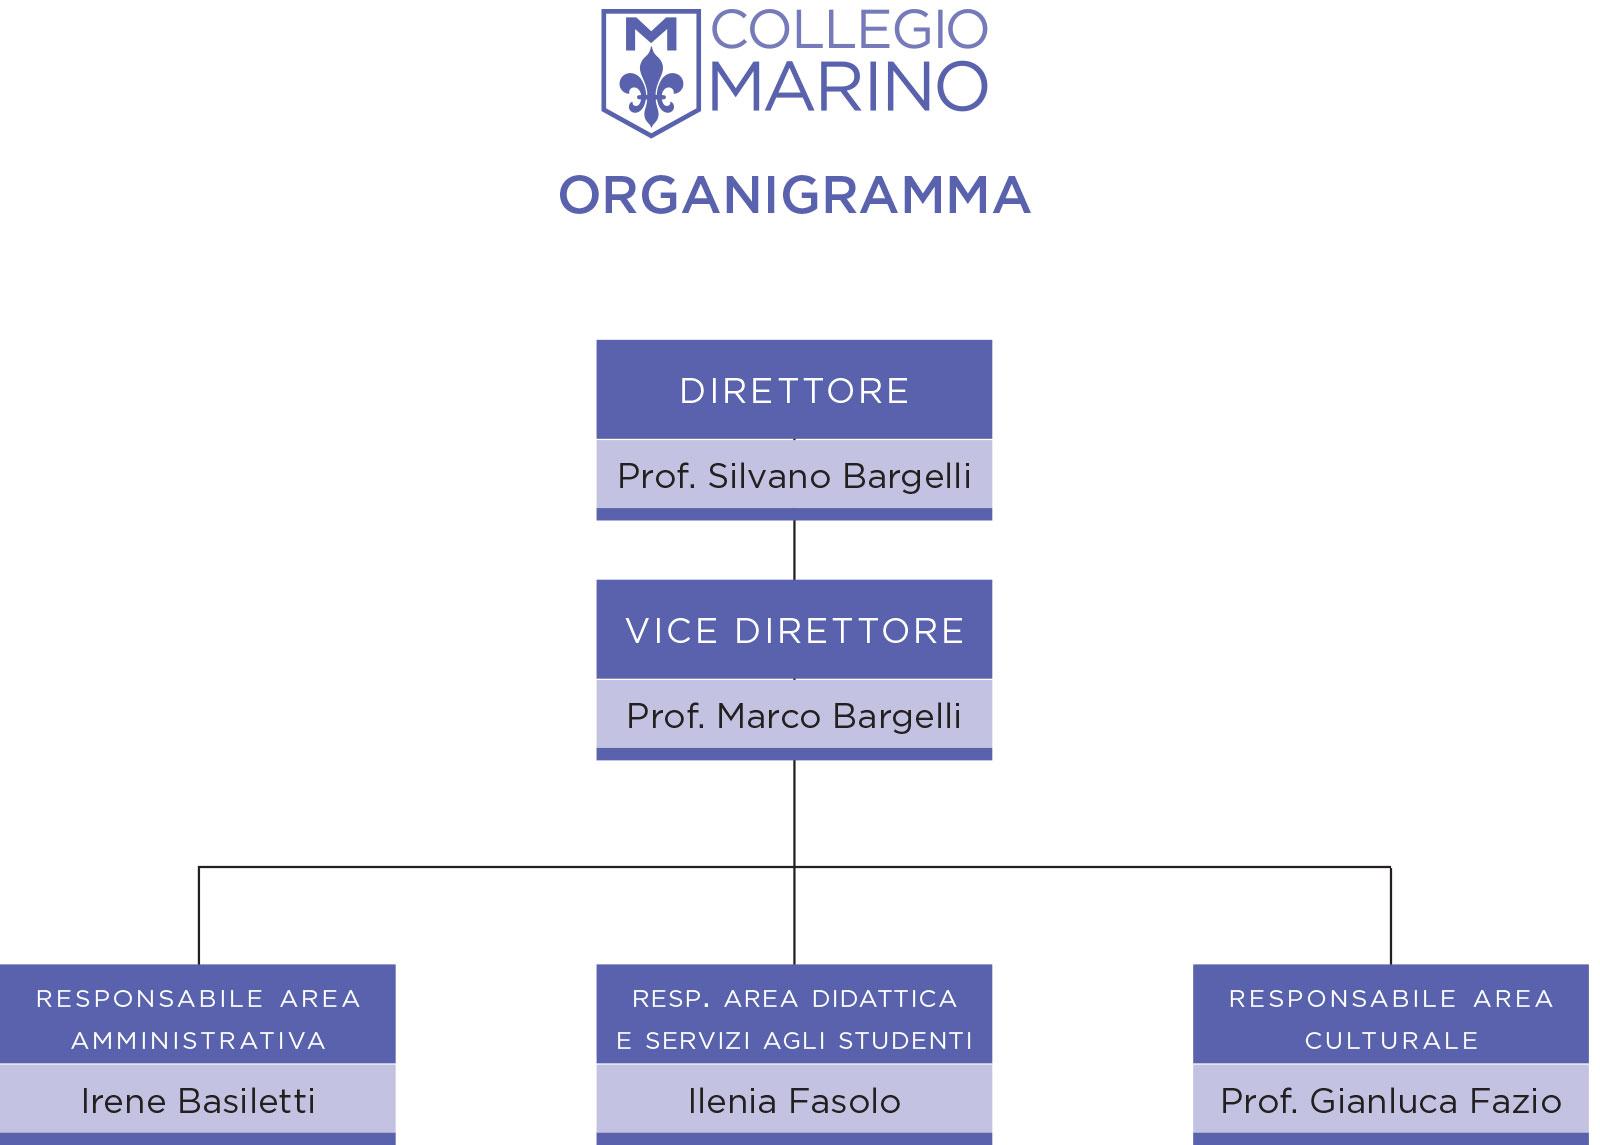 collegio Marino, Silvano bargelli, Marco Bargelli